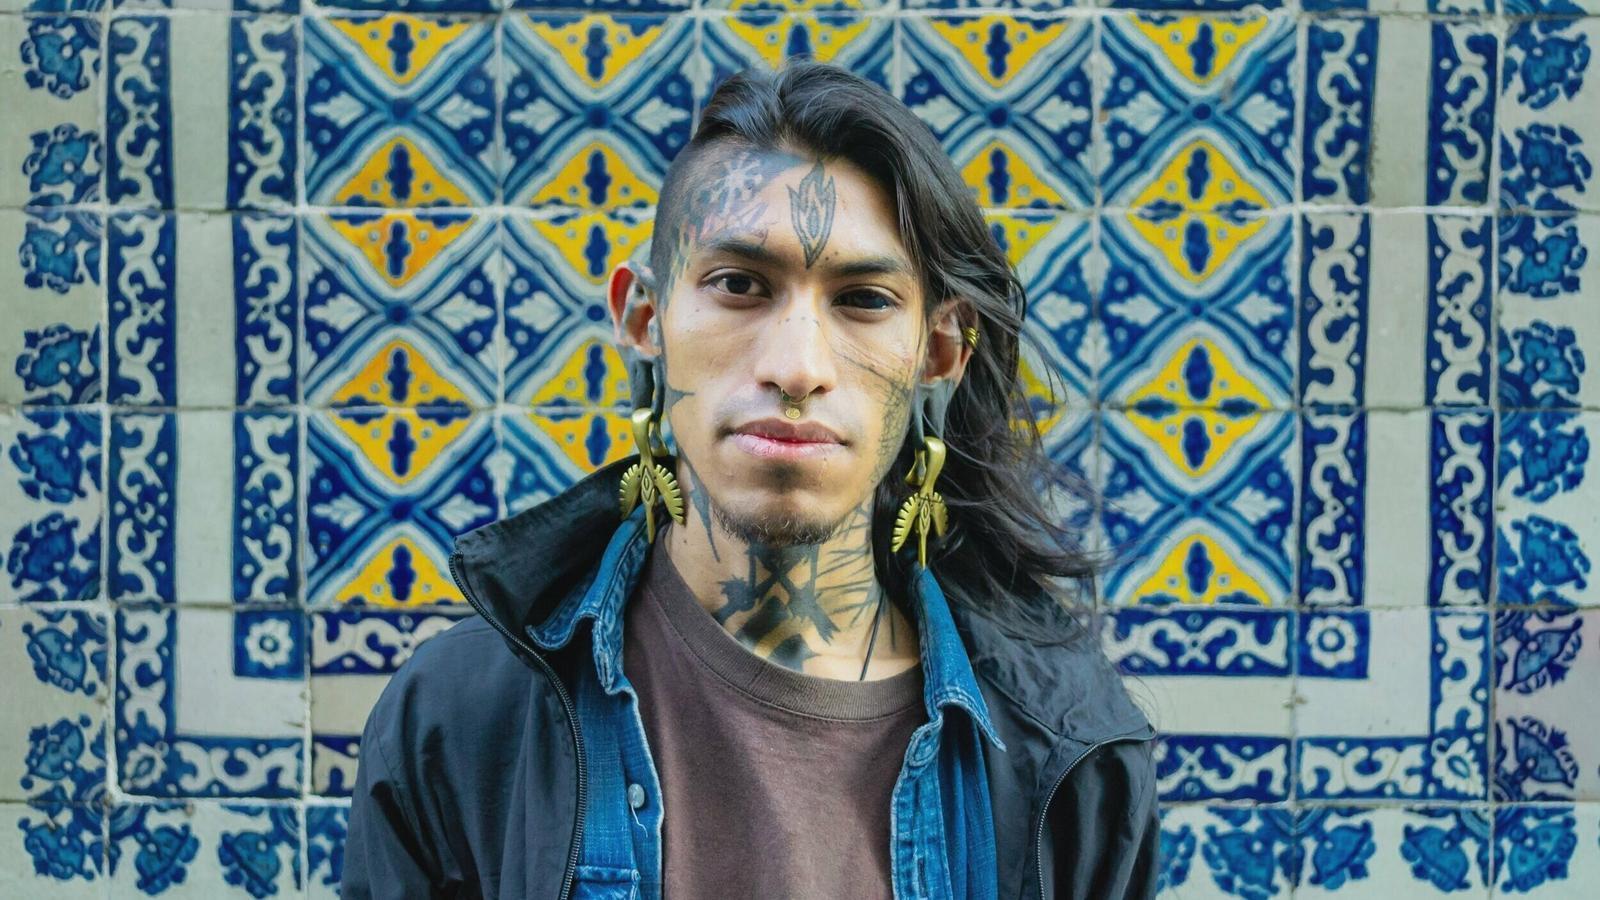 Les identitats diverses dels joves a Ciutat de Mèxic